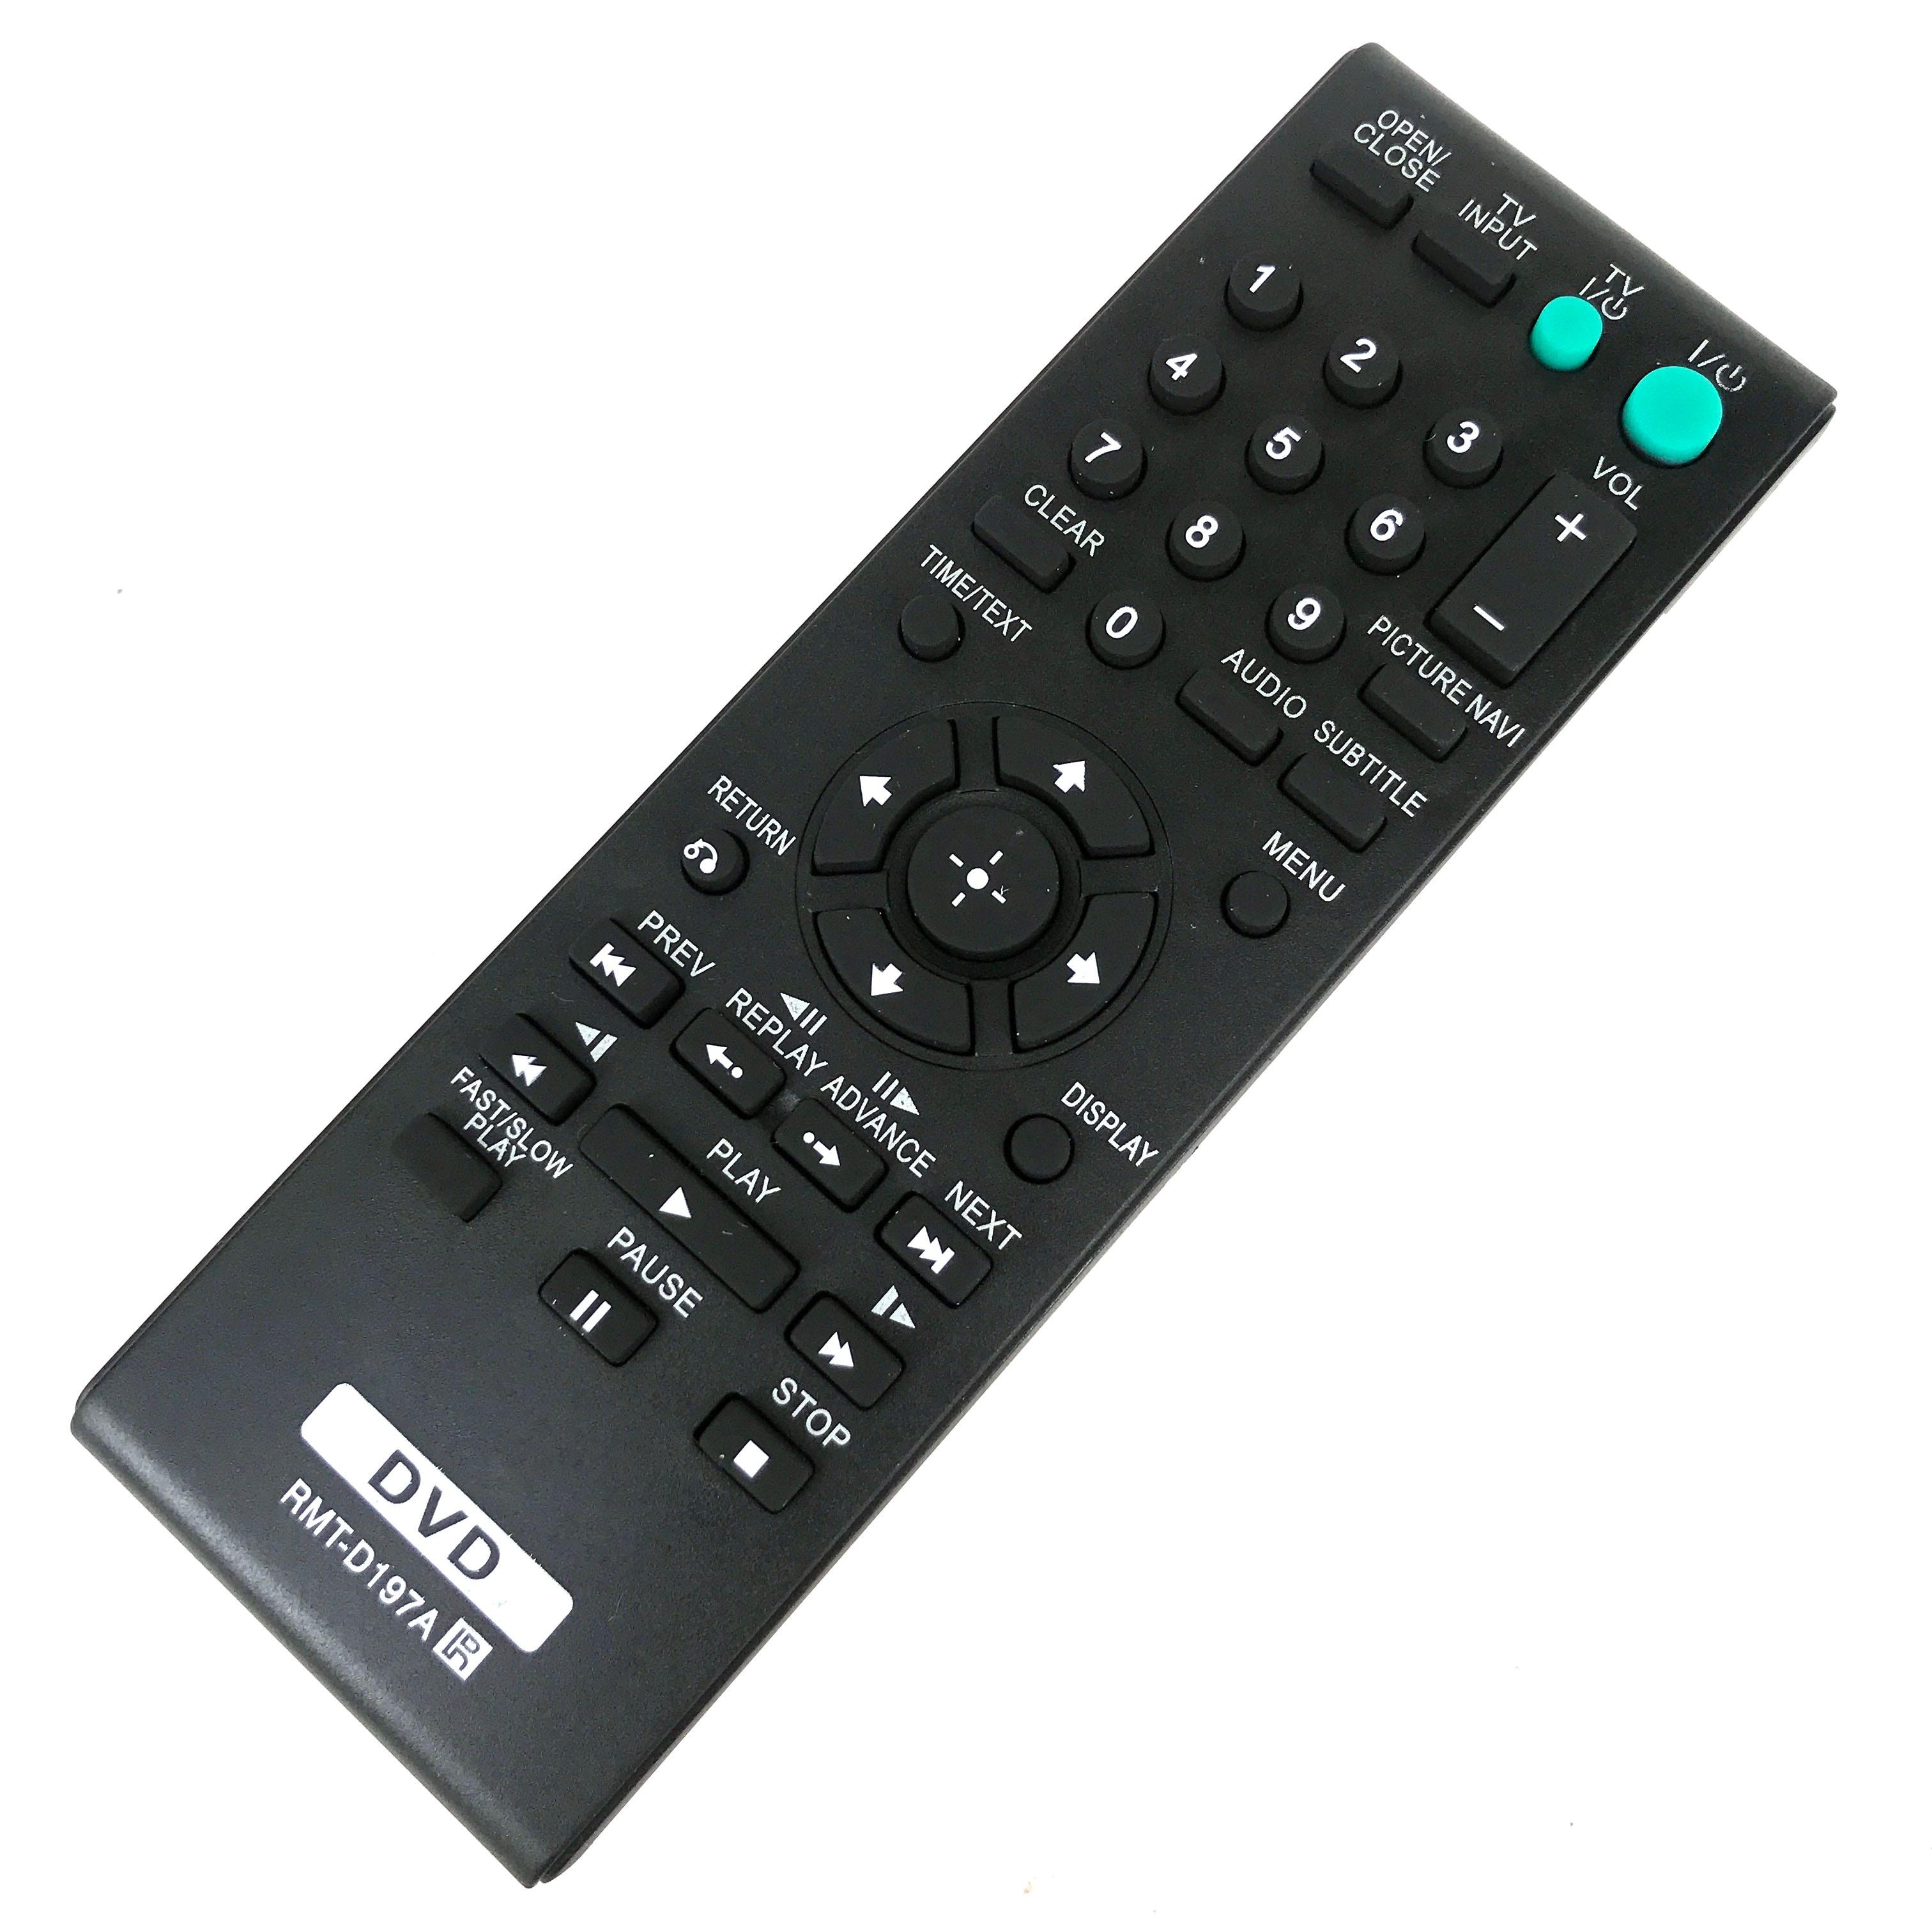 Новый телефон с дистанционным управлением для SONY, подходит для DVD-плеера